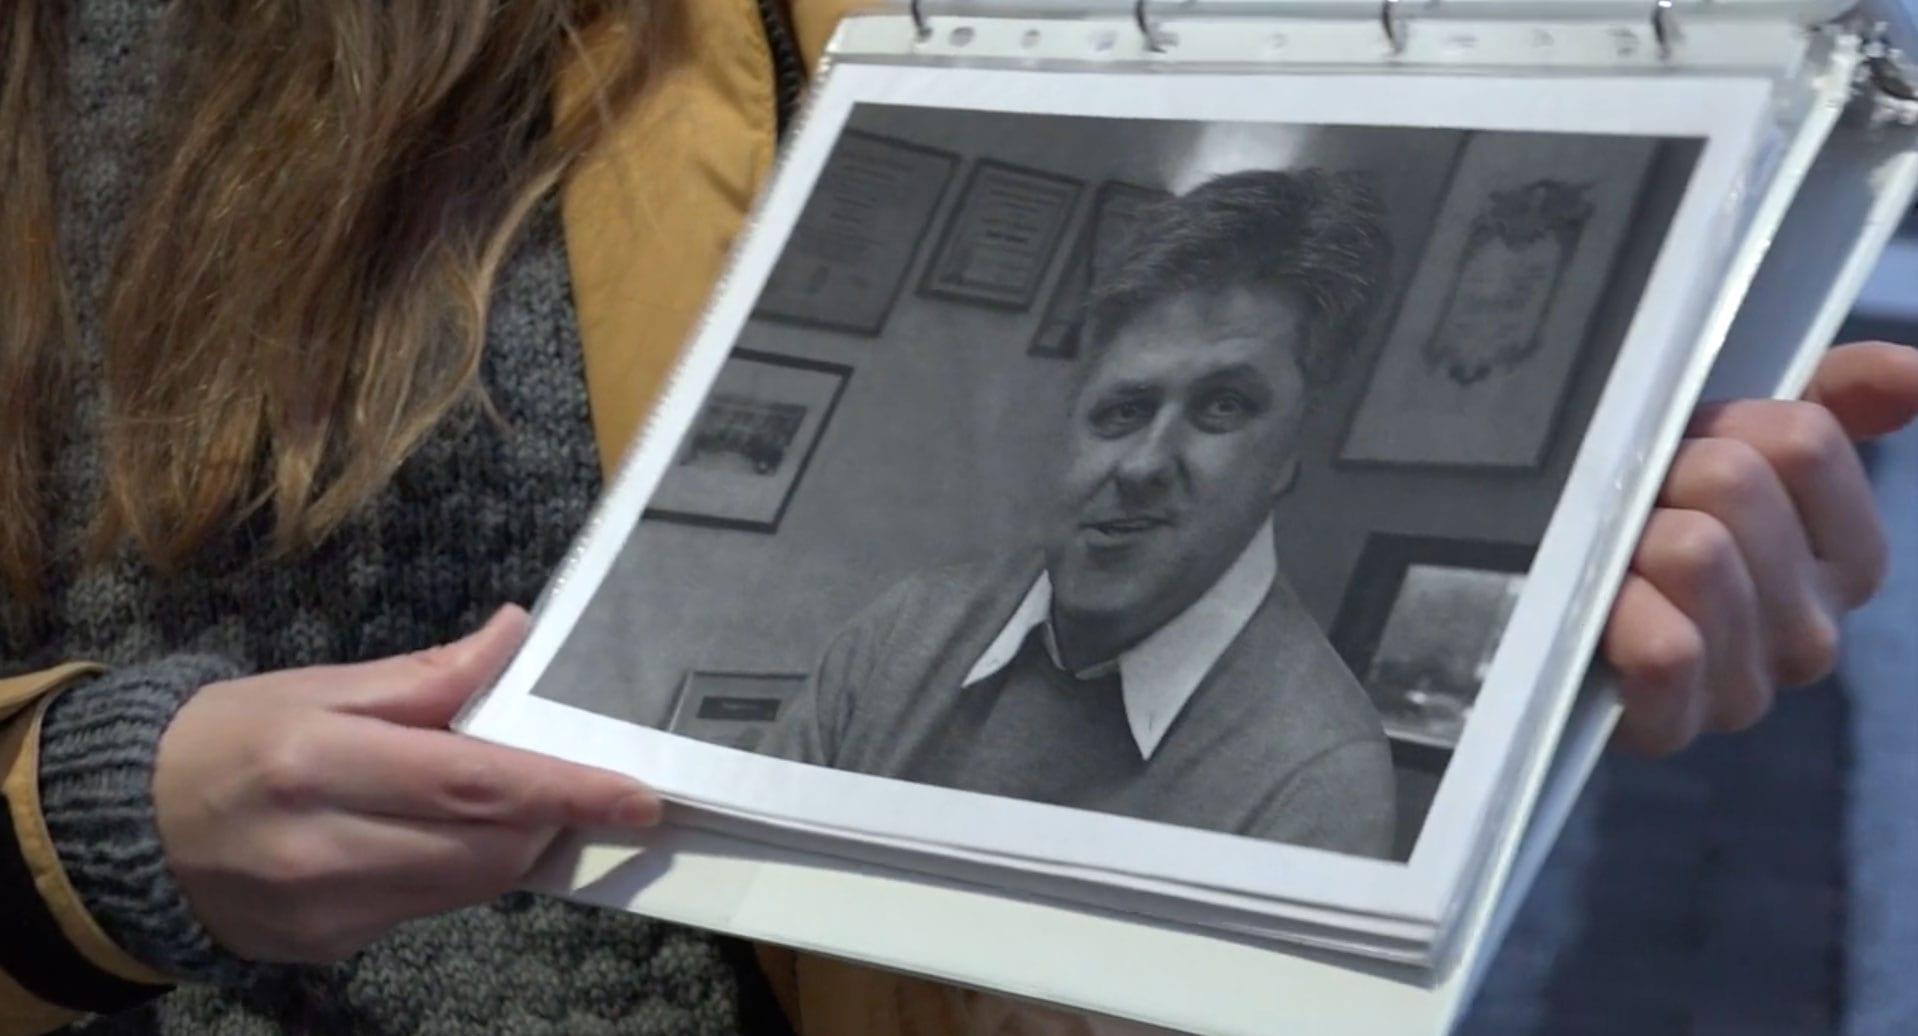 """Þekkja framhaldsskólanemar ríkisstjórnina? """"Þetta er Þorsteinn Guðmundsson"""""""